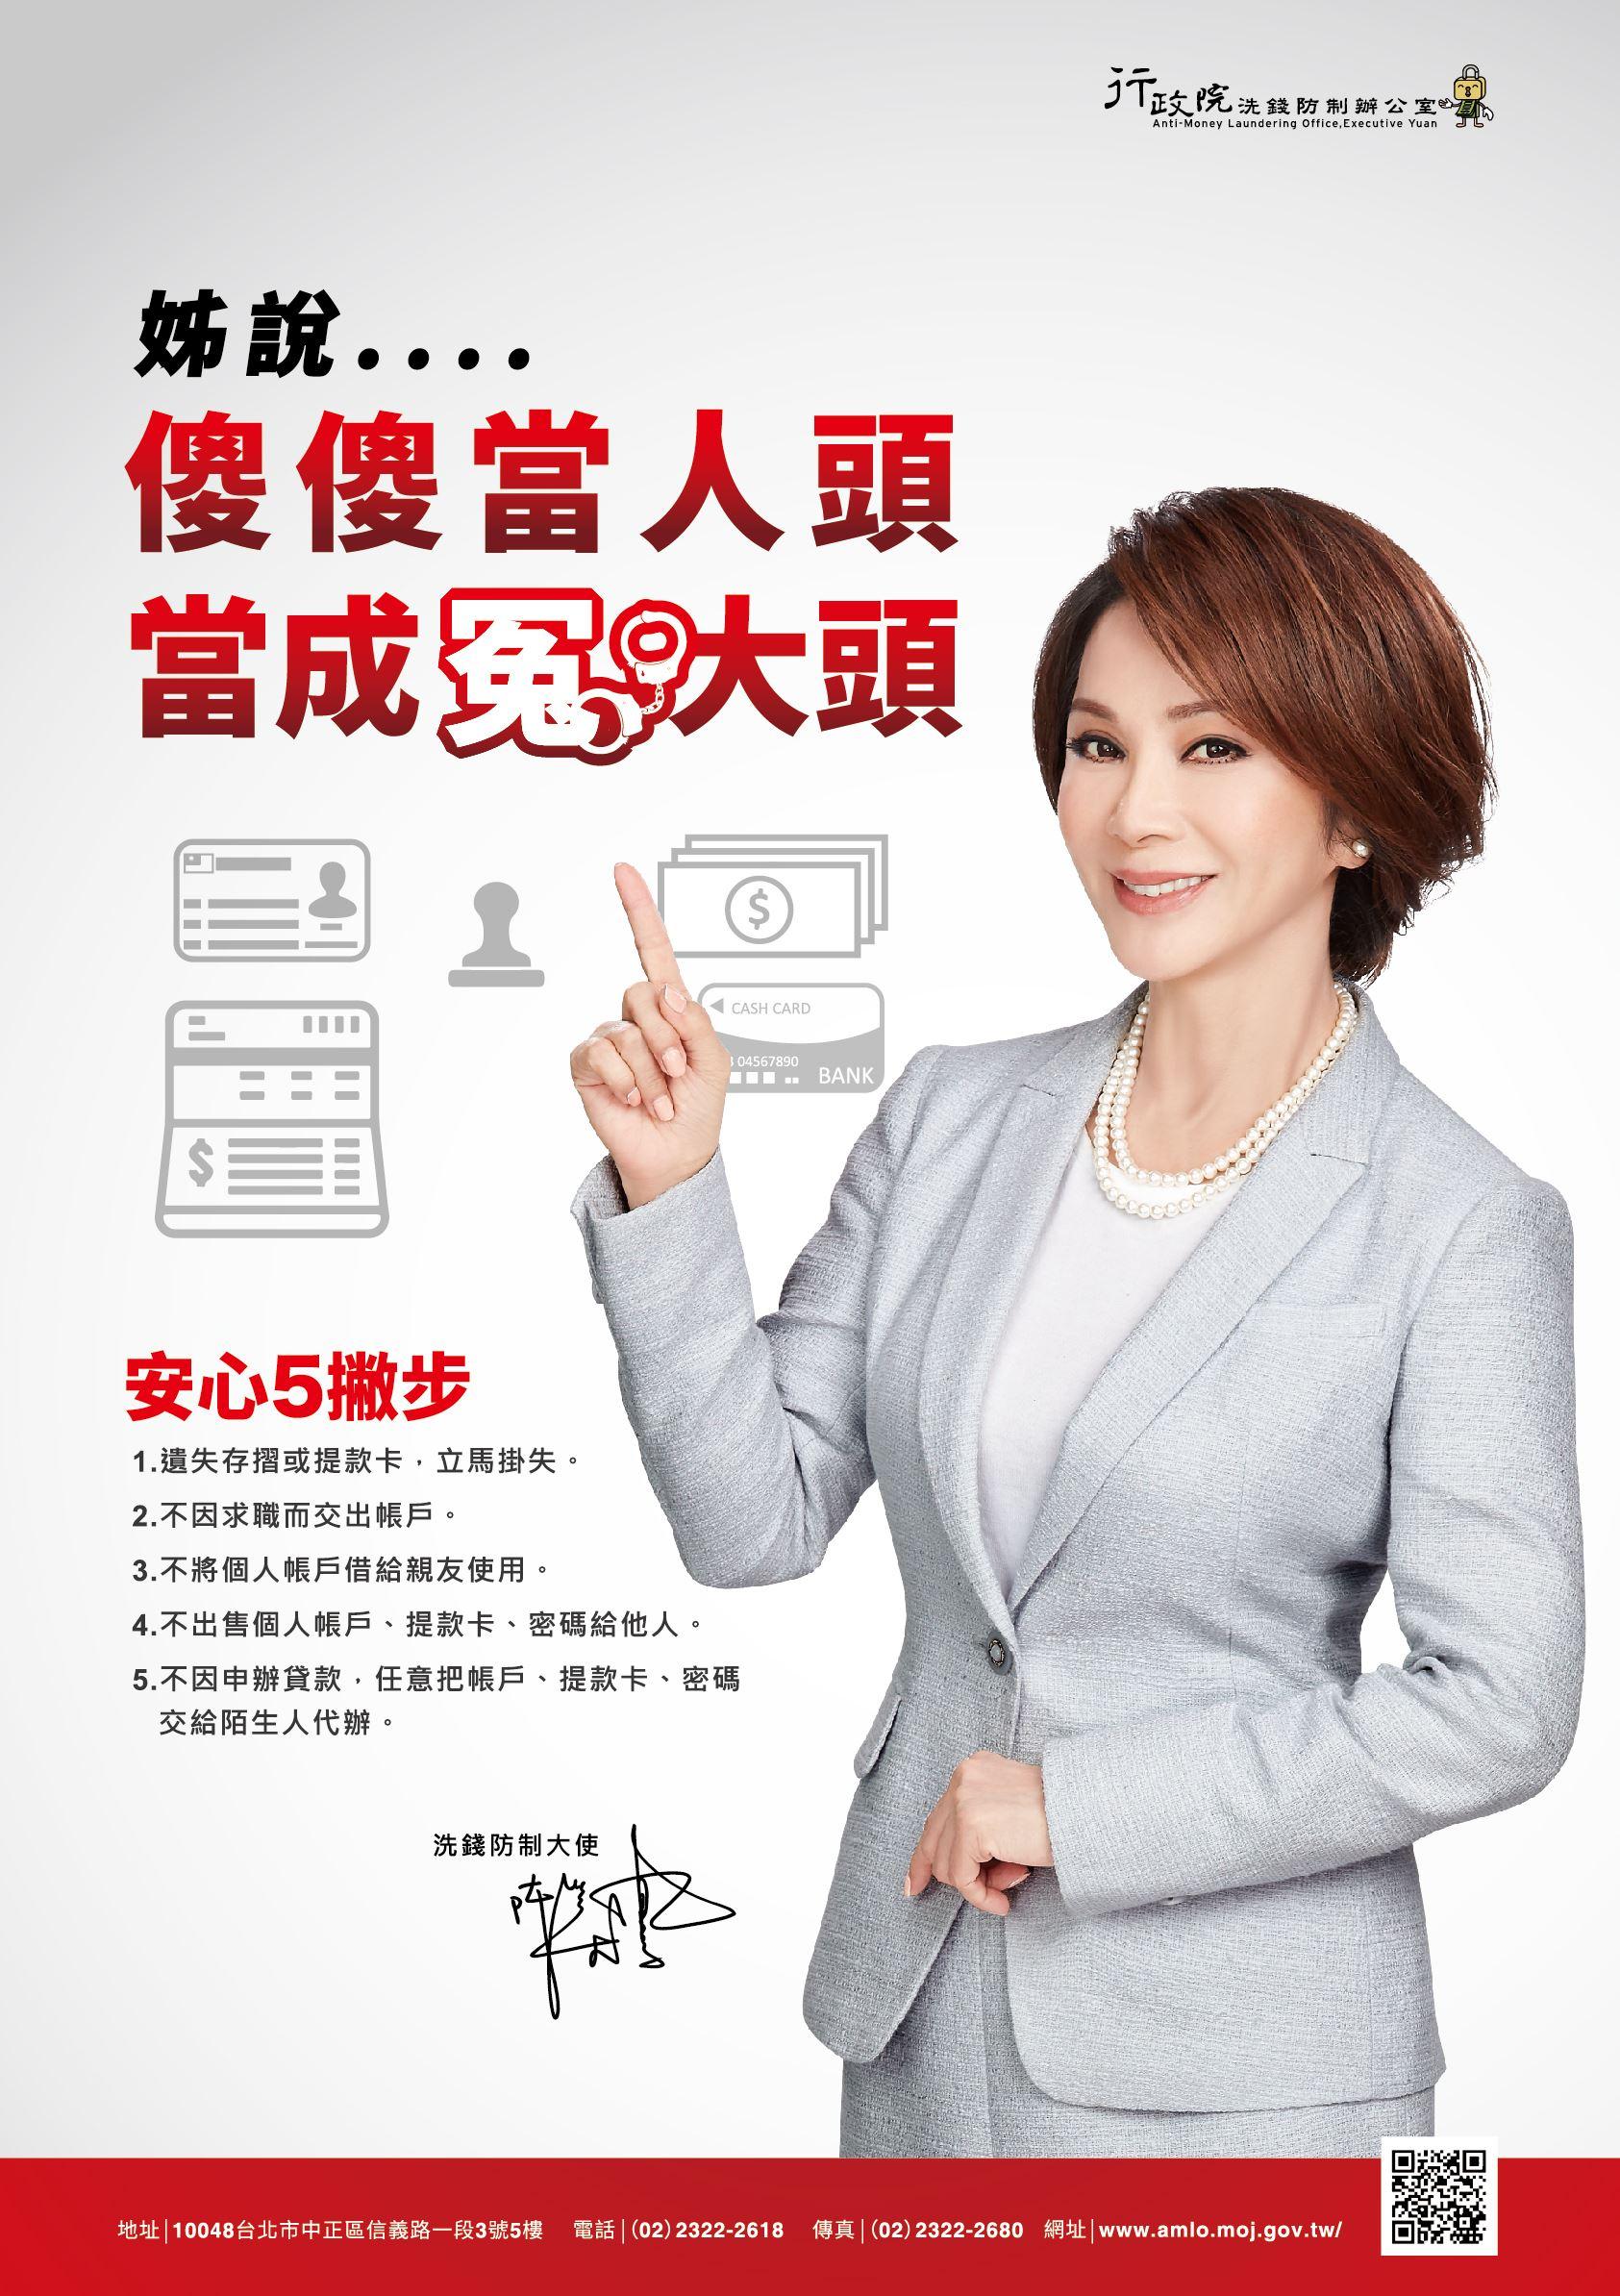 08_行政院洗錢防制-海報-陳美鳳-勿當人頭戶-菊全a1